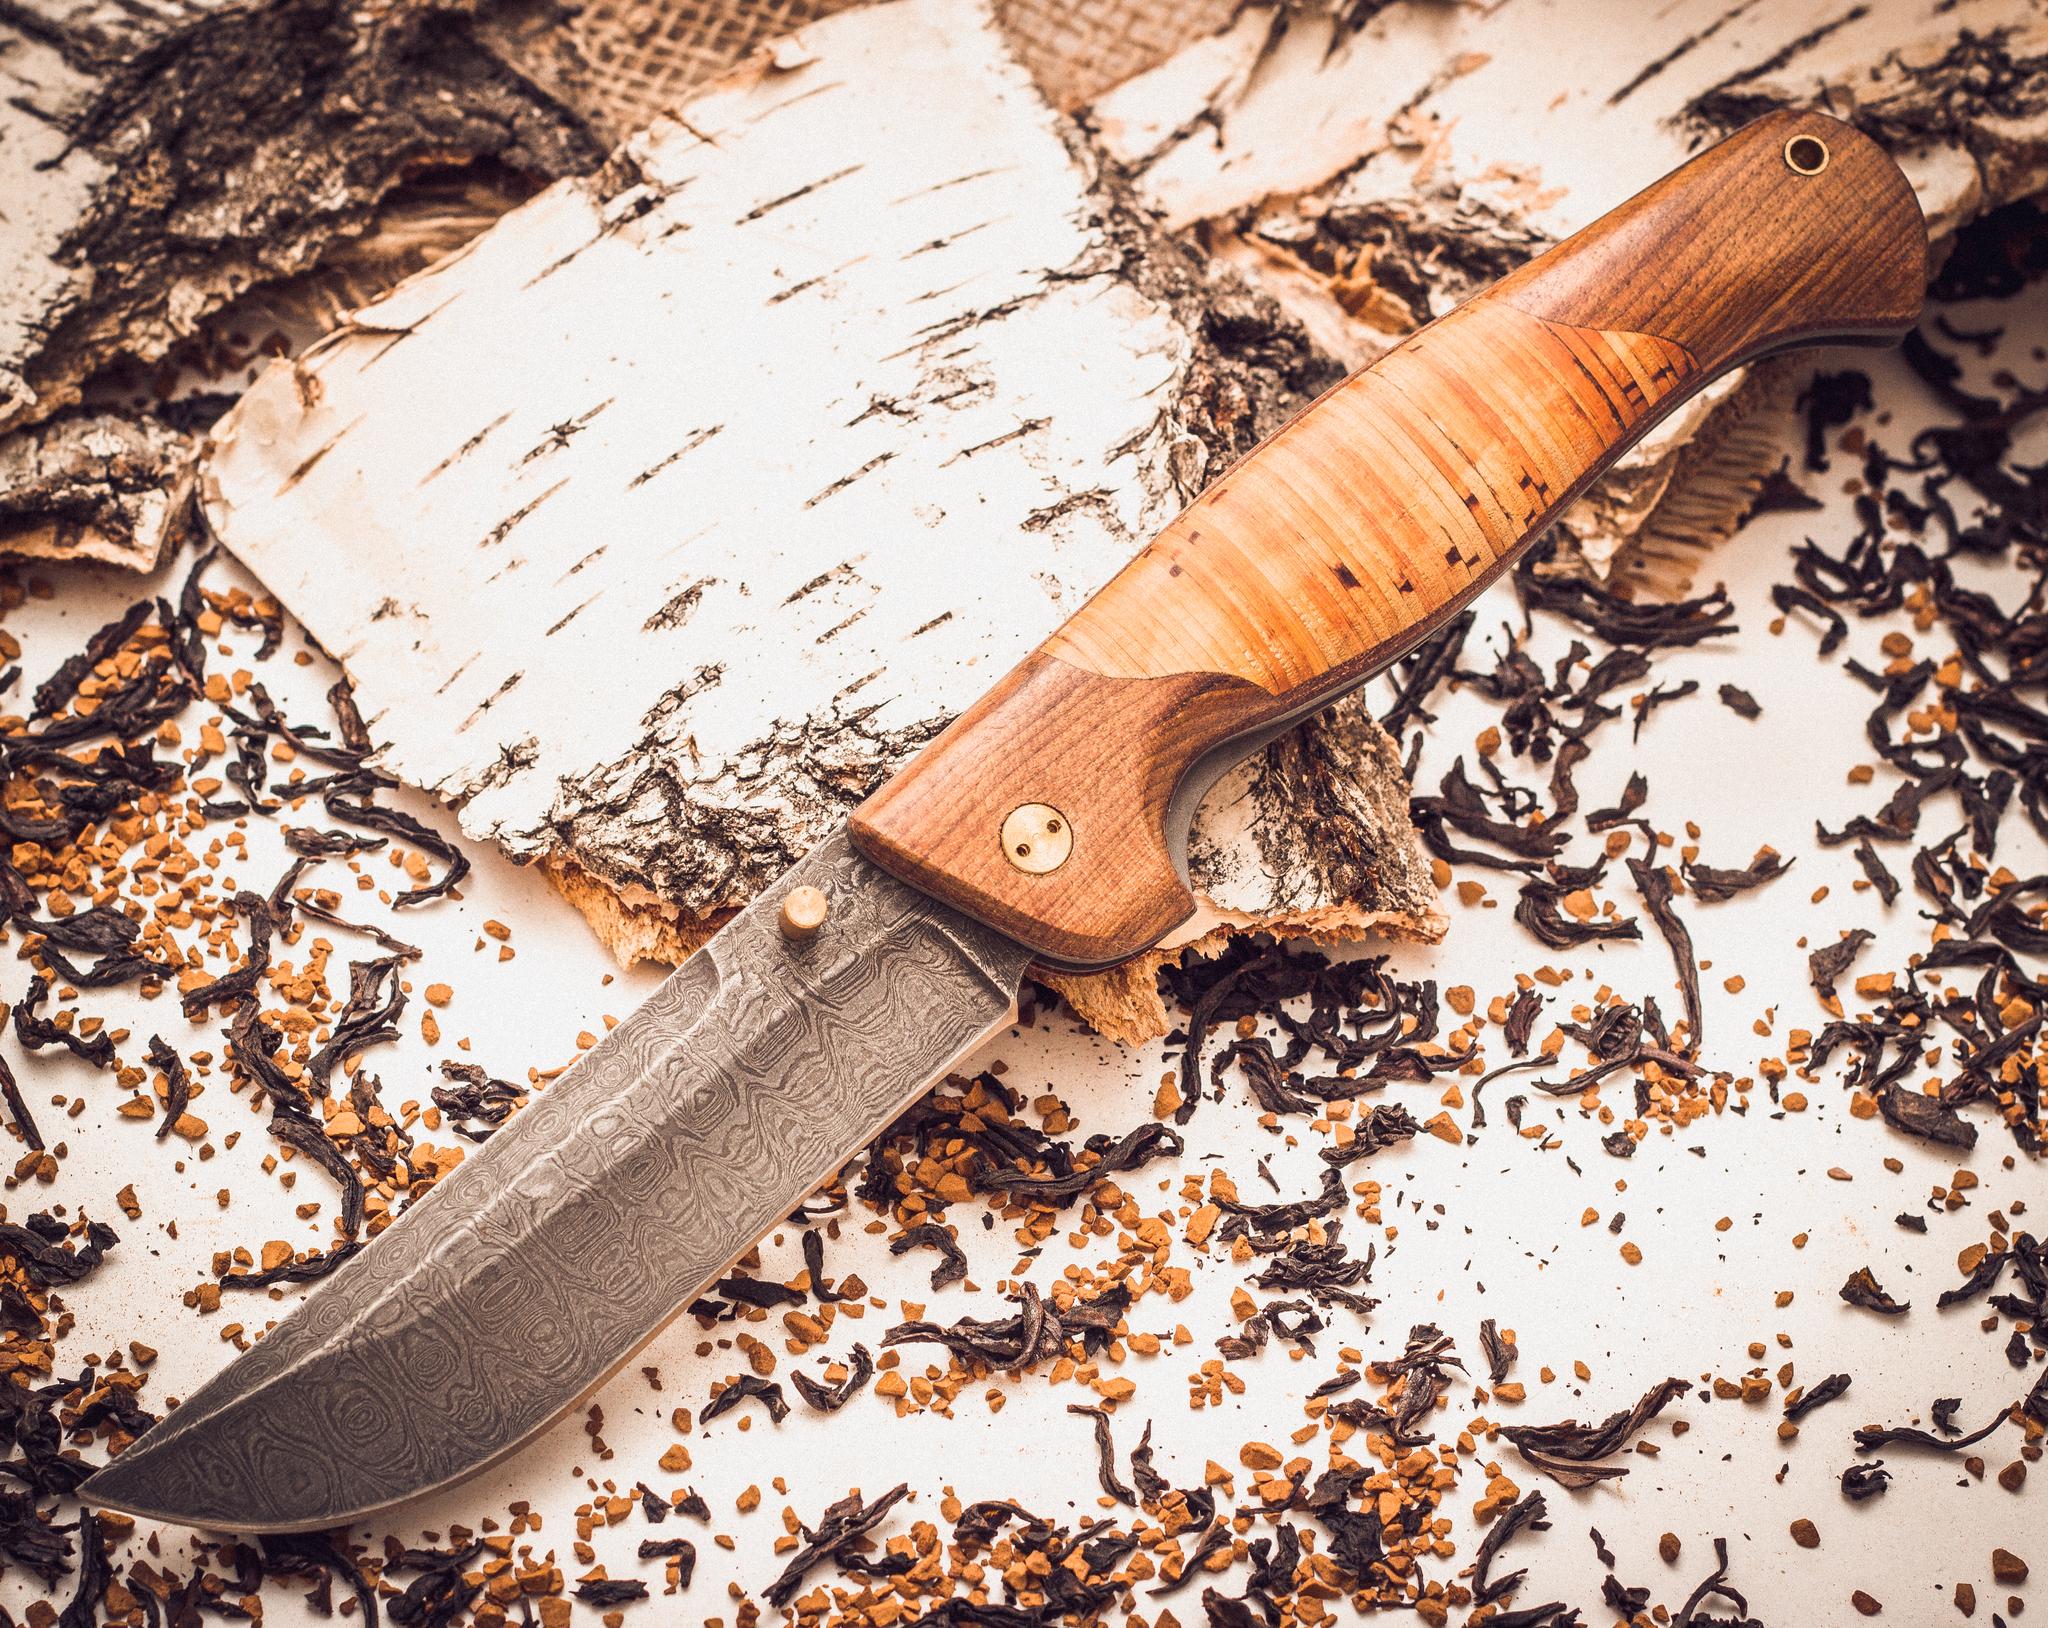 Фото 4 - Складной нож Страж 2, дамаск, береста от Марычев